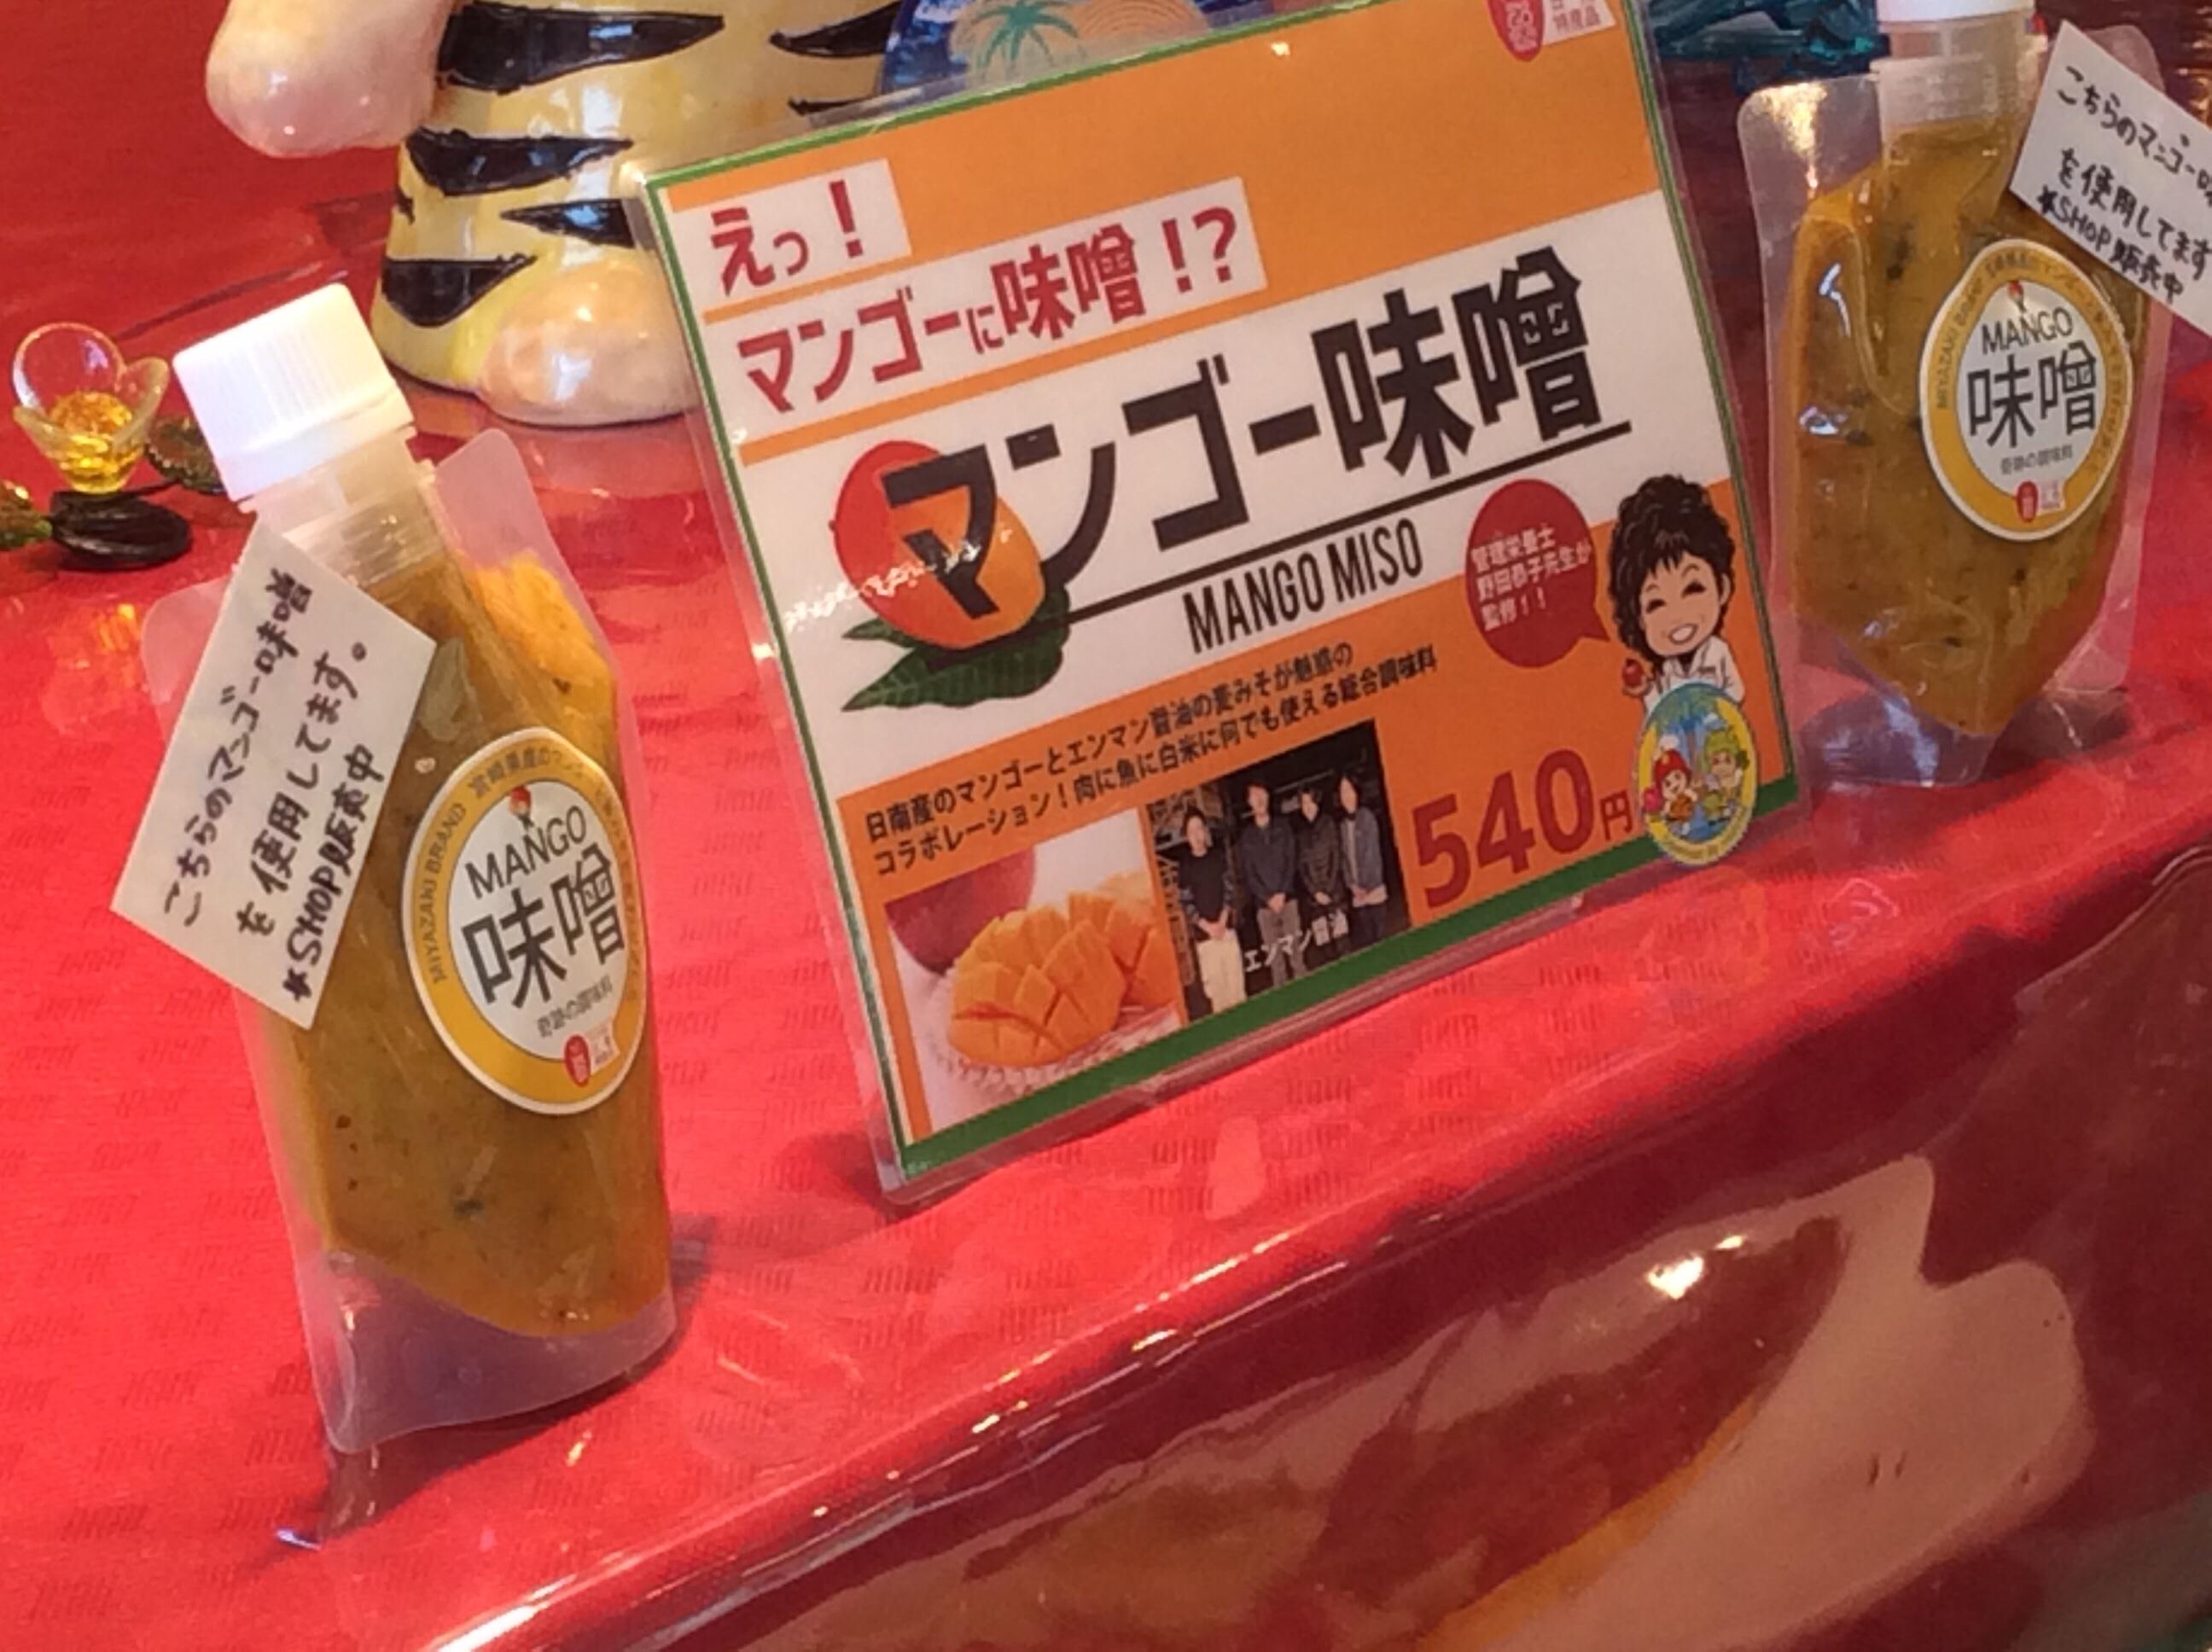 mango味噌ランチ会パートⅡは始まりました